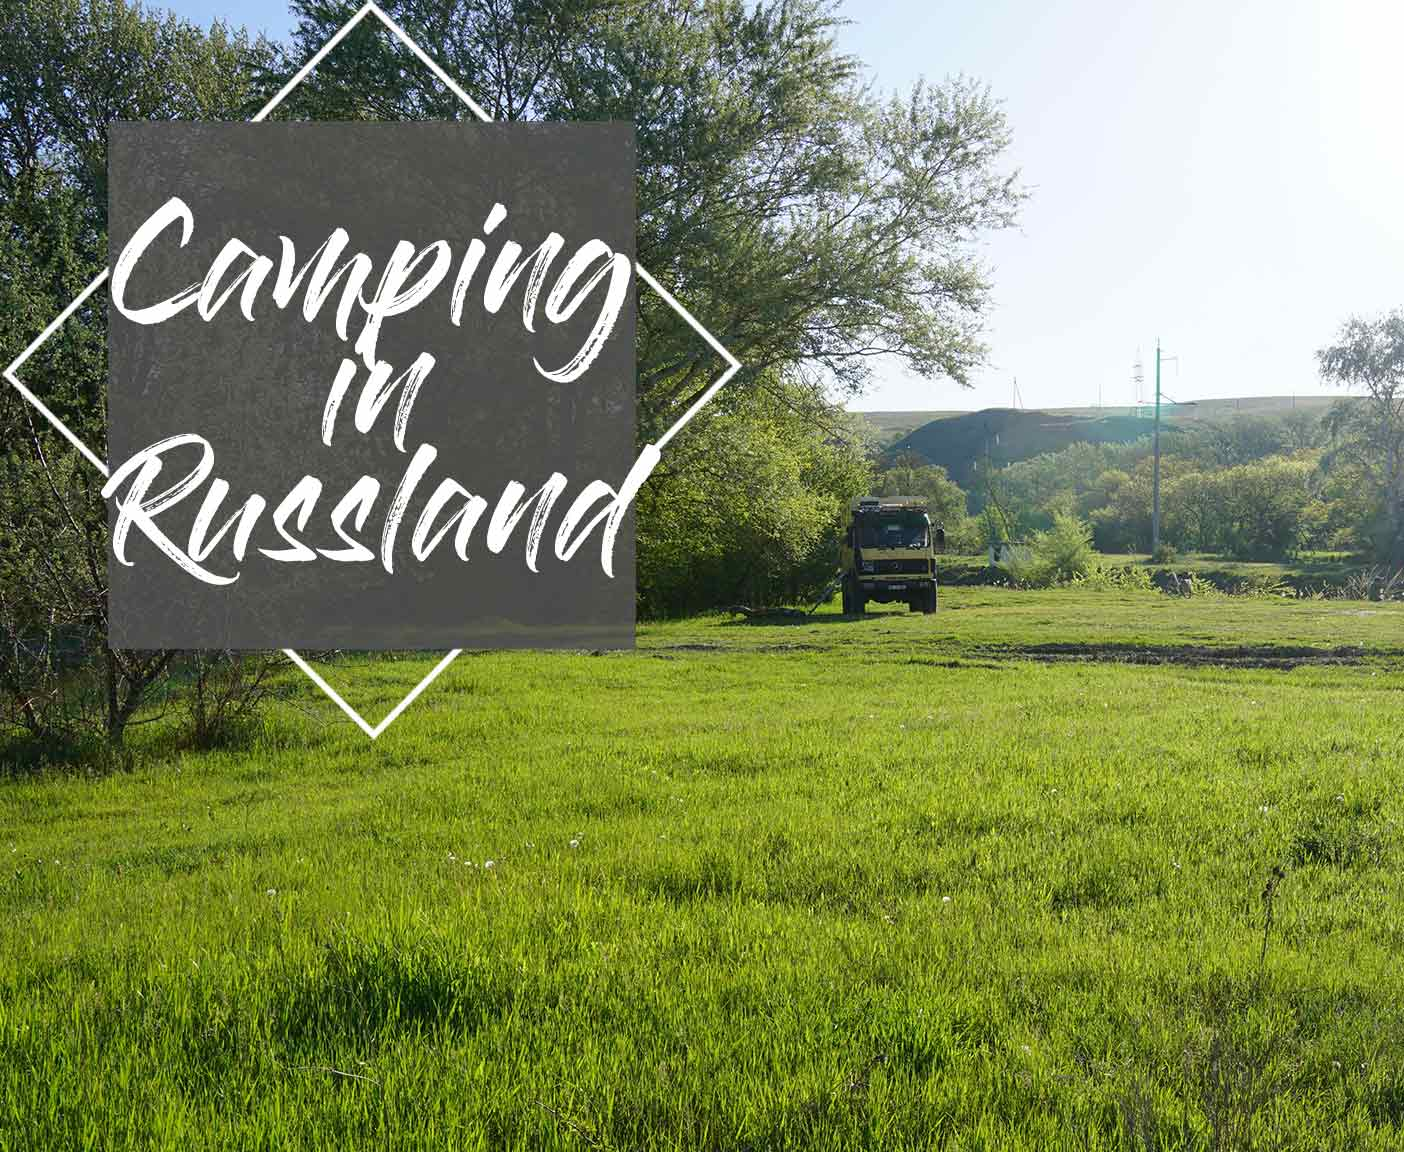 wohnmobil-russland-visum-kosten-klima-währung-camper-camping